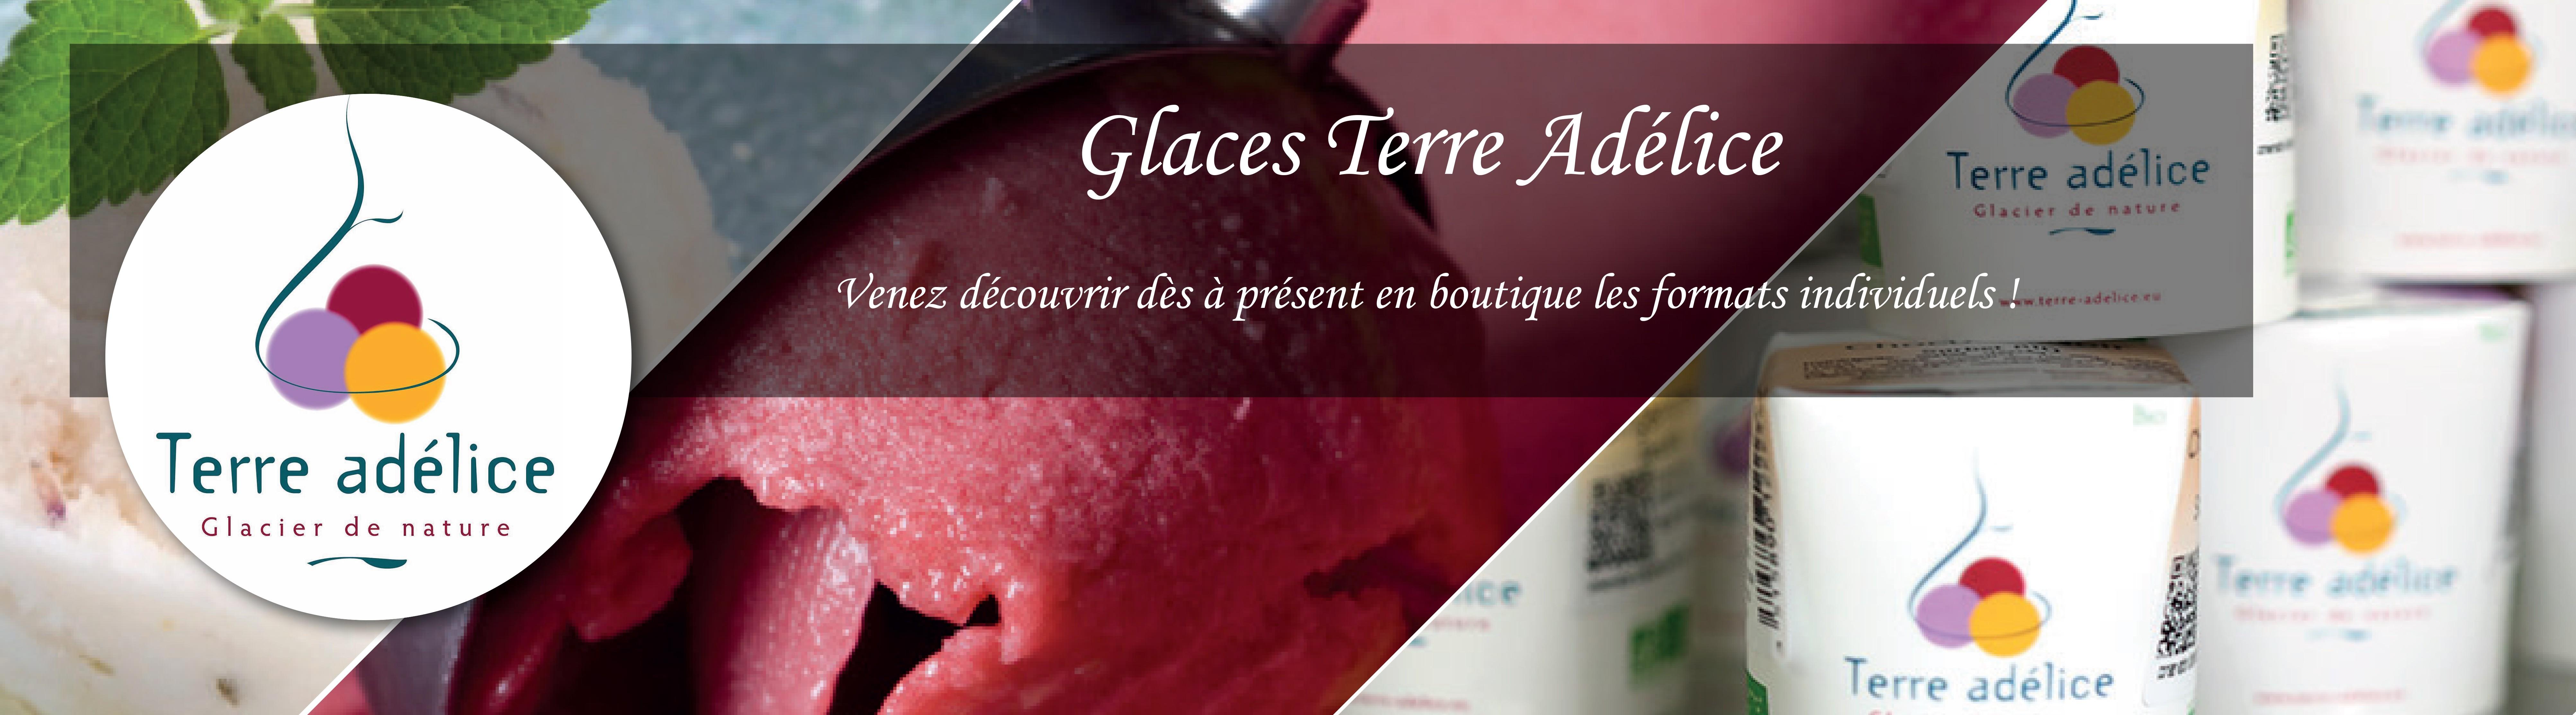 Les glaces et sorbets Terre Adélice: le bio, le local et la gourmandise pour un été inoubliable !